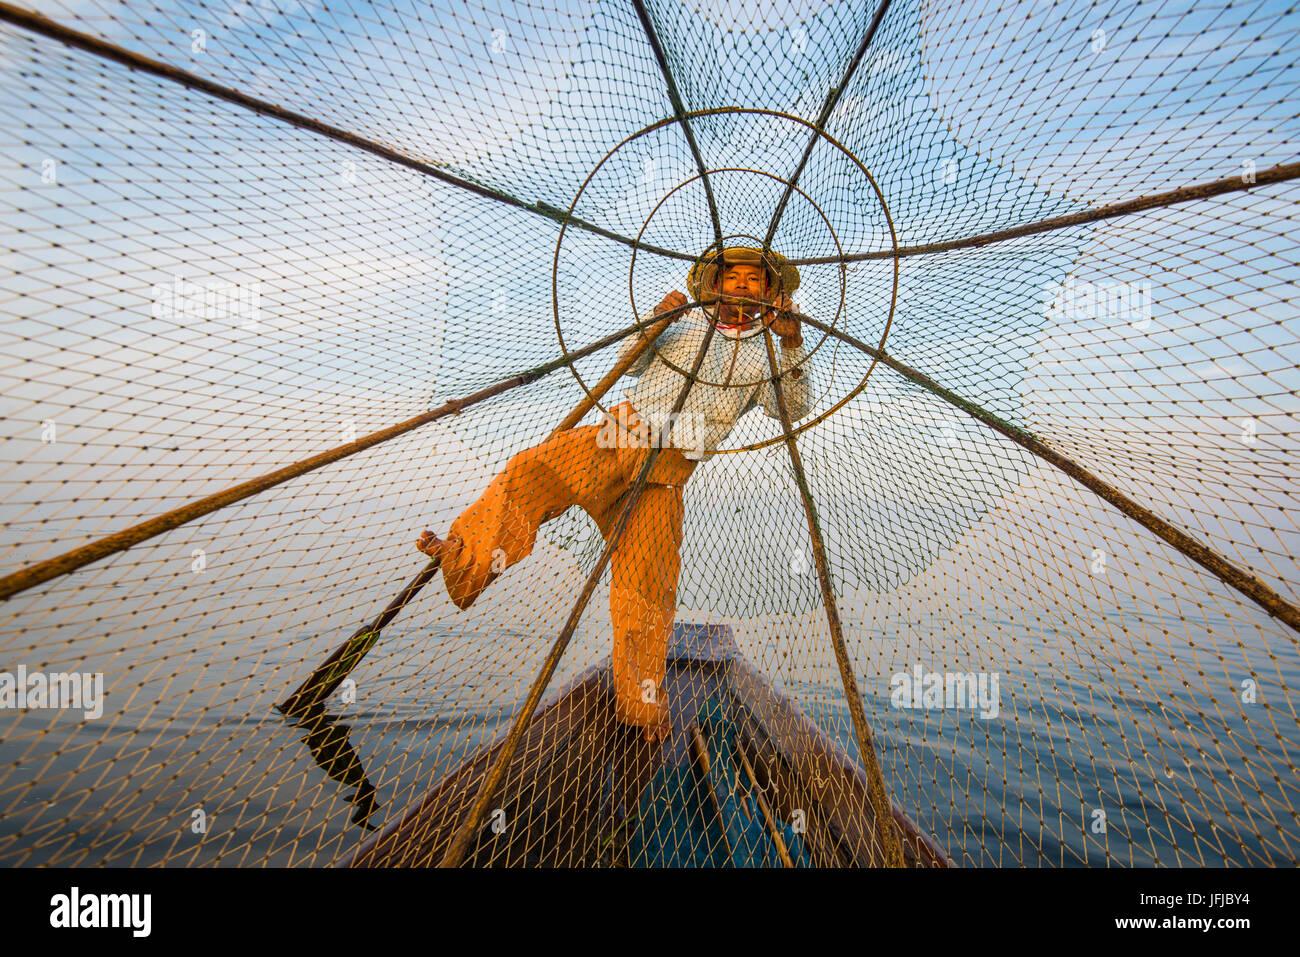 Inle lake, Nyaungshwe, Shan state, Myanmar, Fisherman looking through the fishing net, - Stock Image